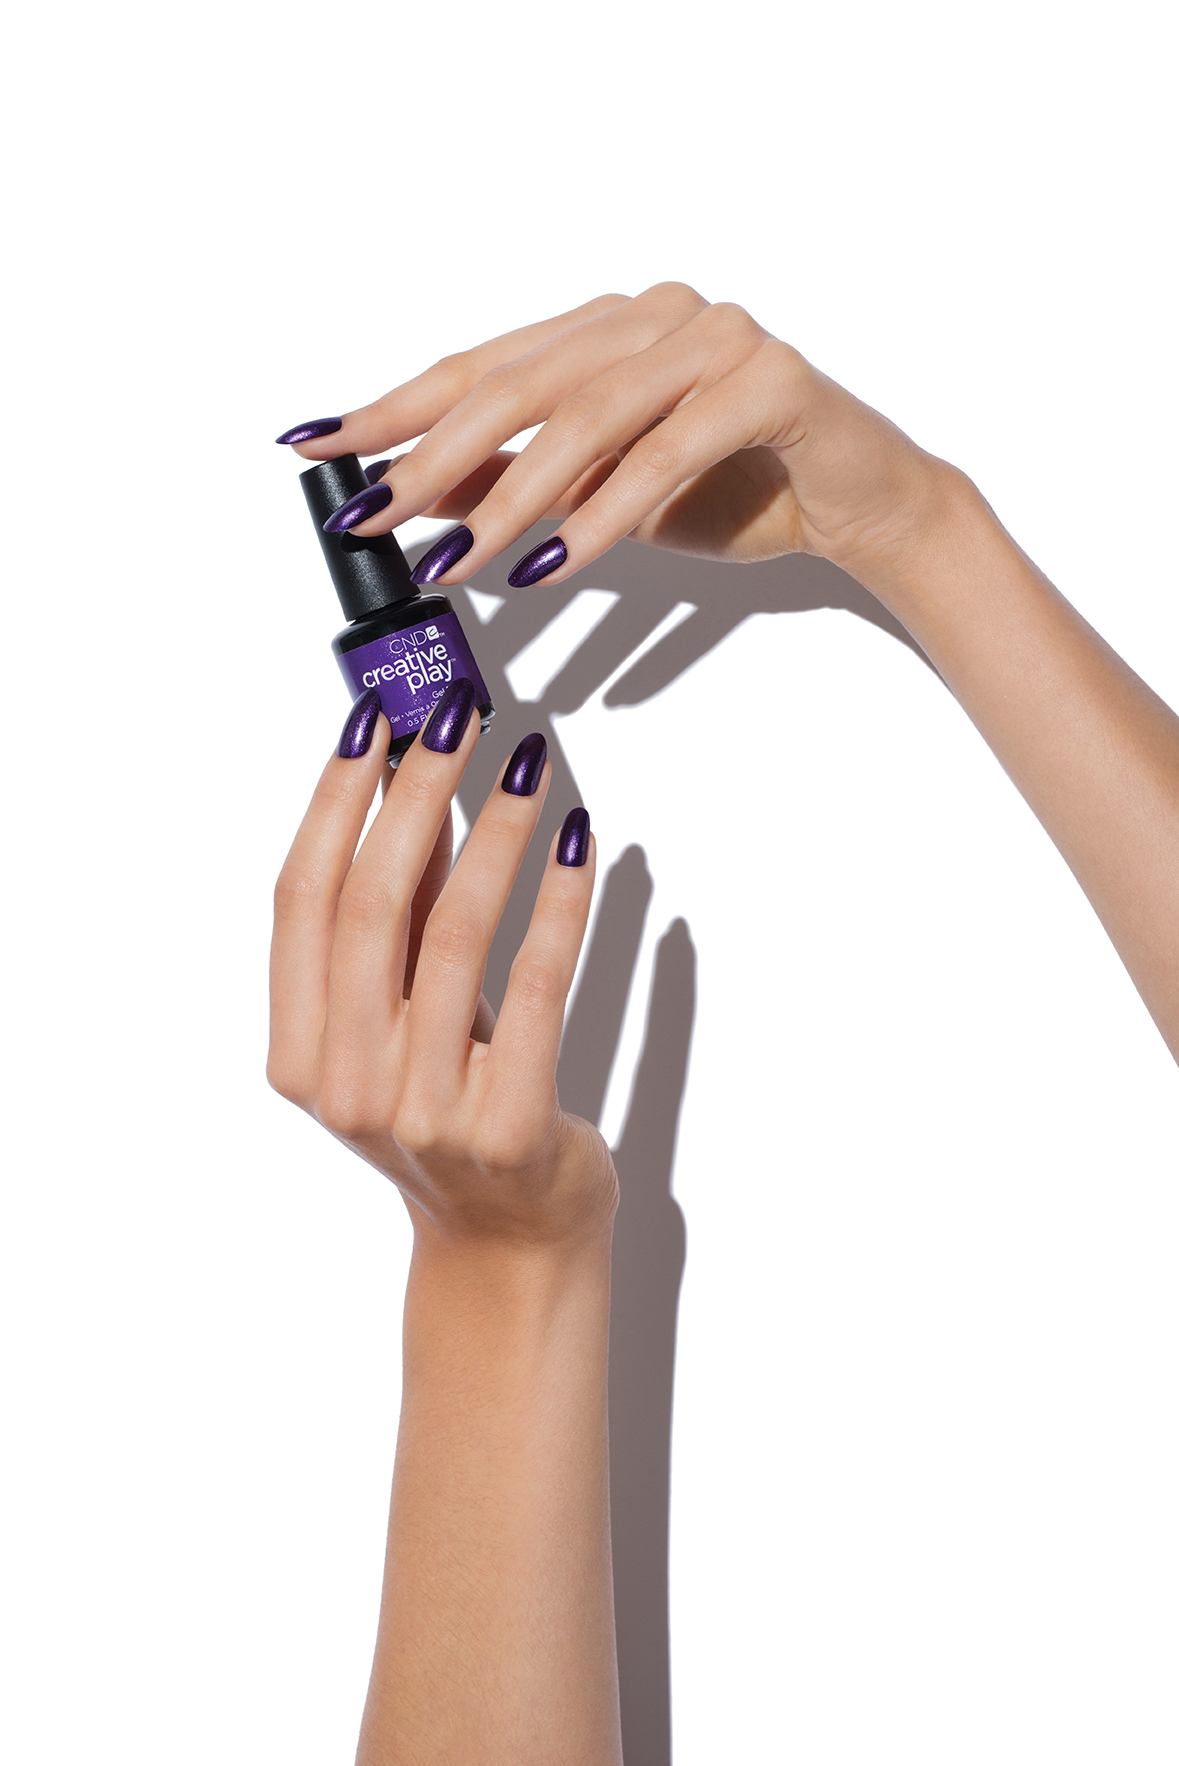 Hand-Model-Image-7_170526_Revlon_Creative_Play_Hands_07_012_v05.jpg